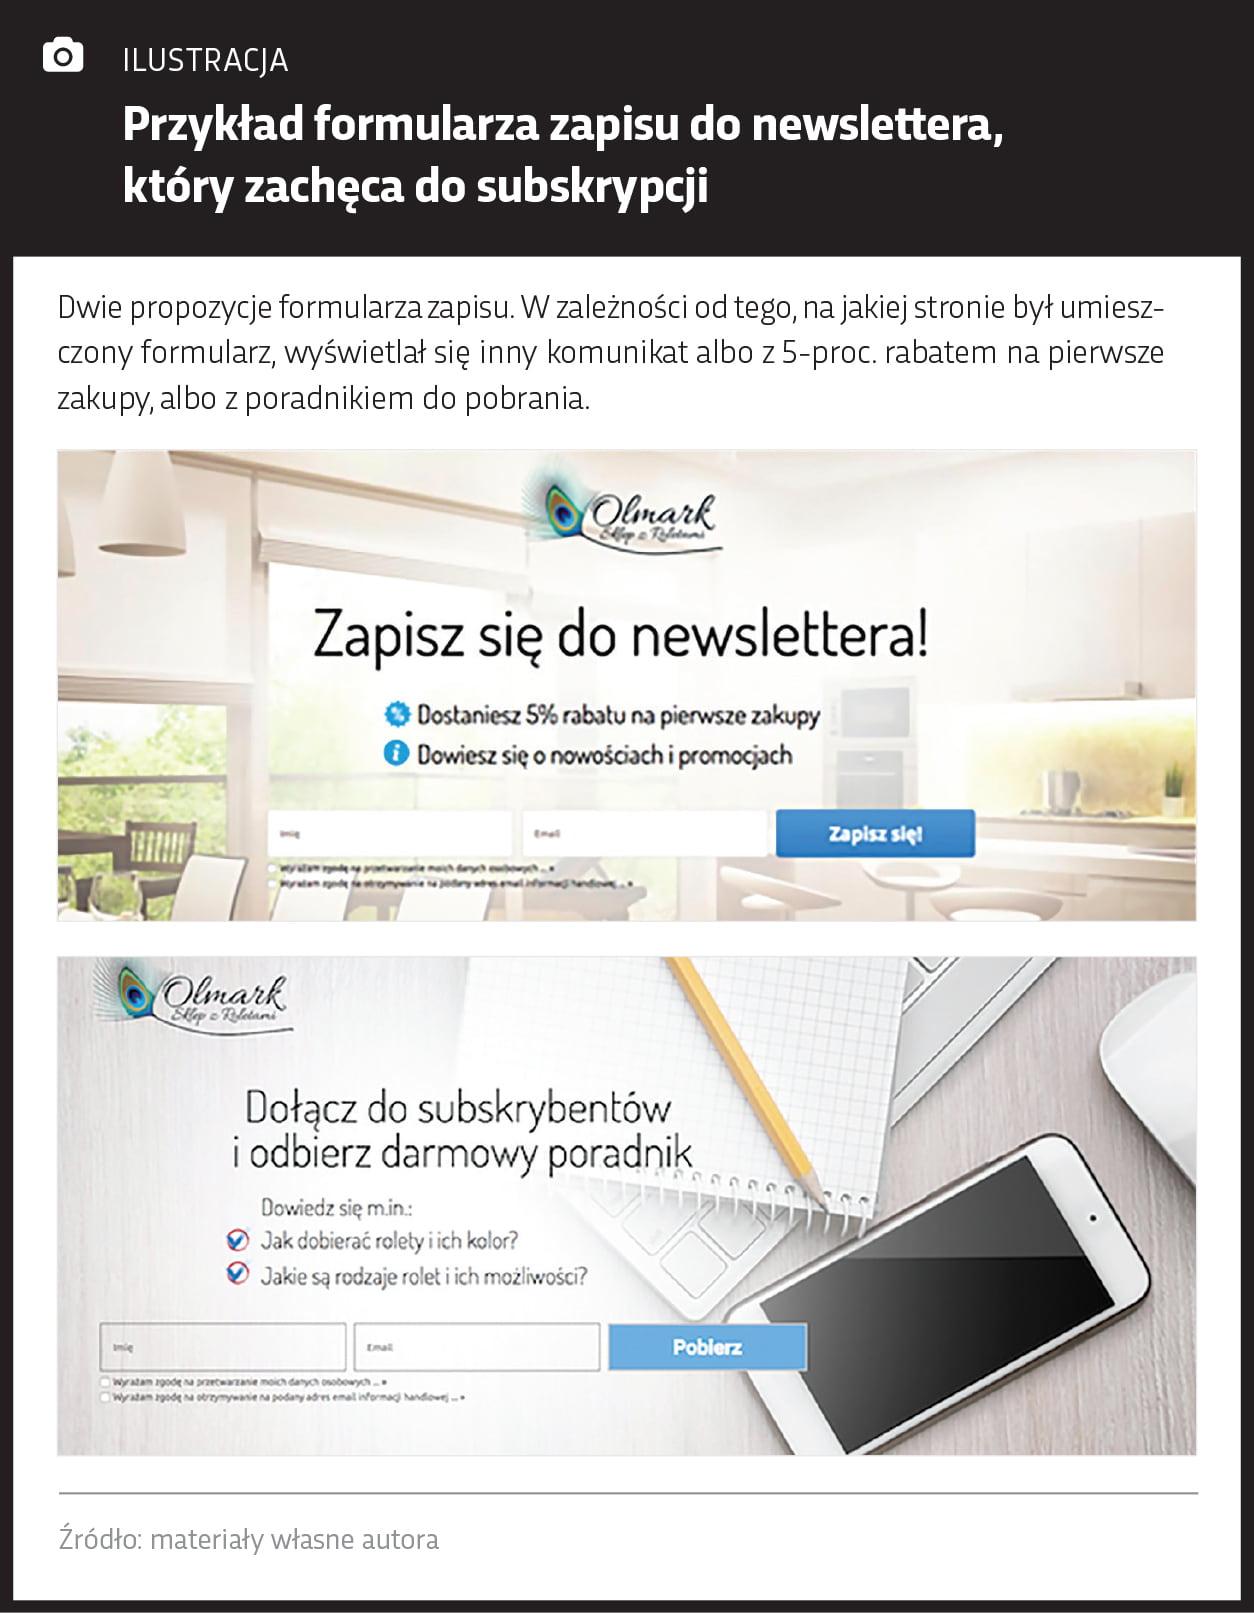 Przykład formularza zapisu do newslettera